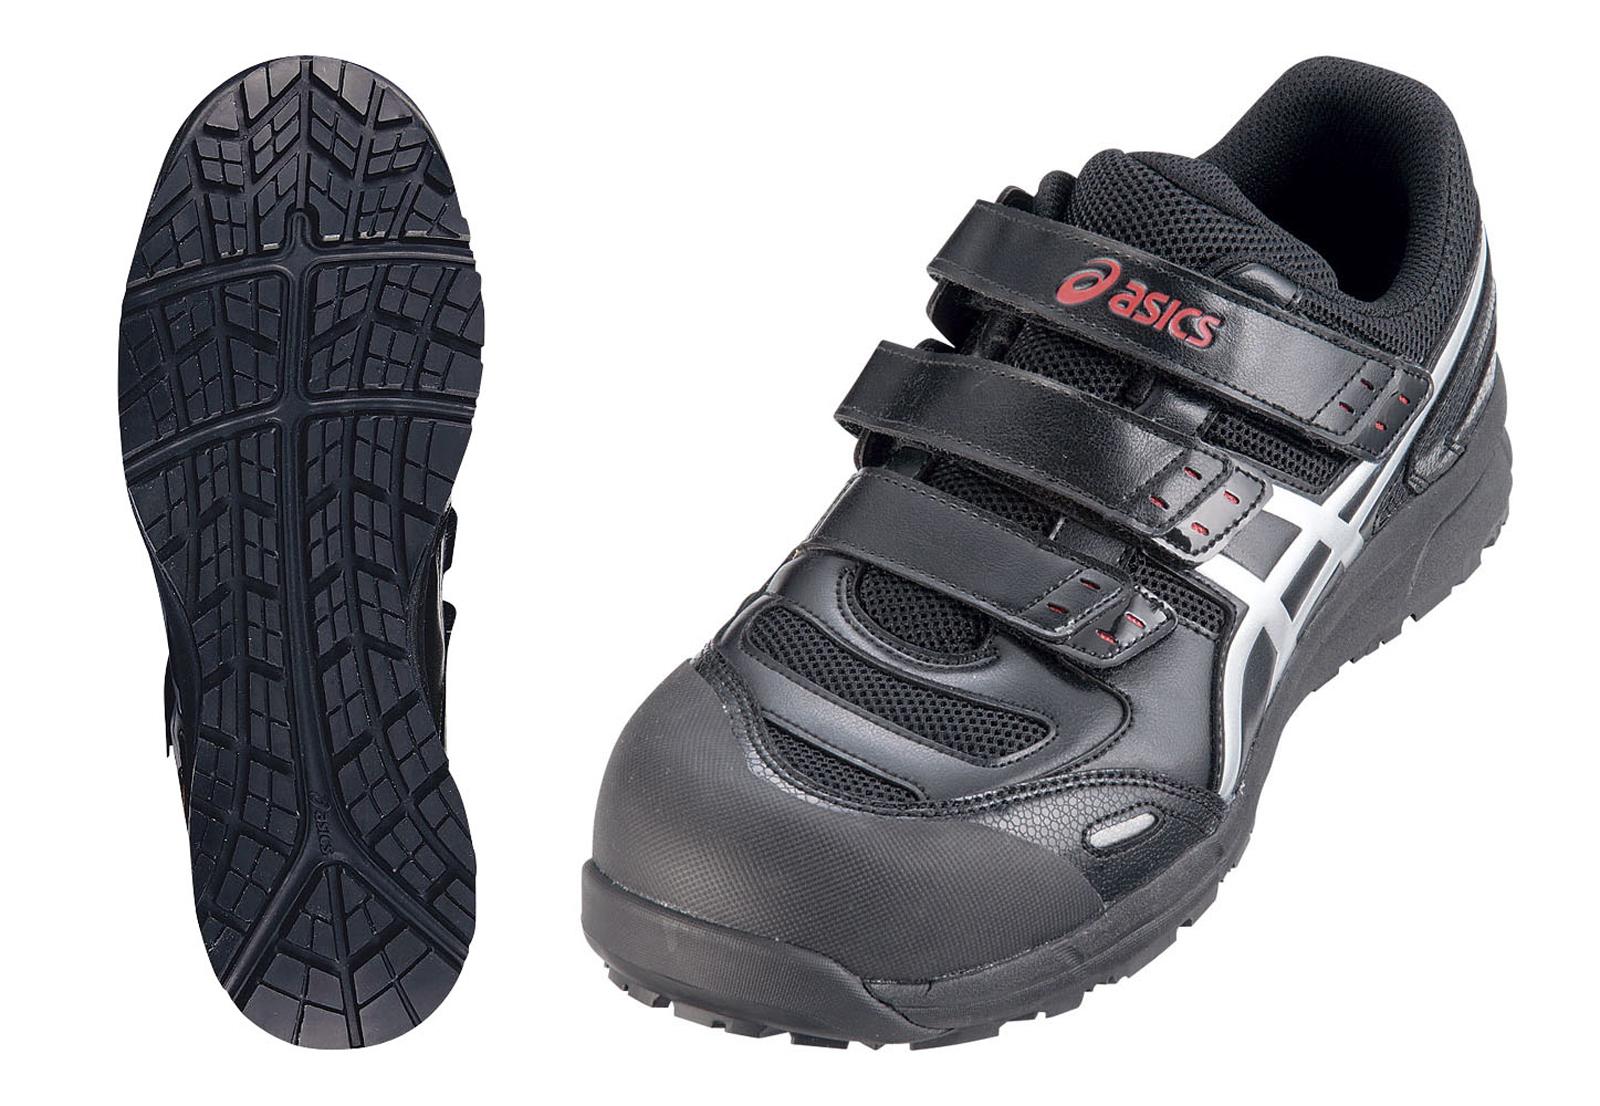 アシックス ウィンジョブ安全靴CP102 BK×シルバー 25.0cm 【厨房用品 長靴 白衣 靴 サンダル スリッパ 業務用 販売 通販】 [7-1369-0703 6-1309-0703 ]